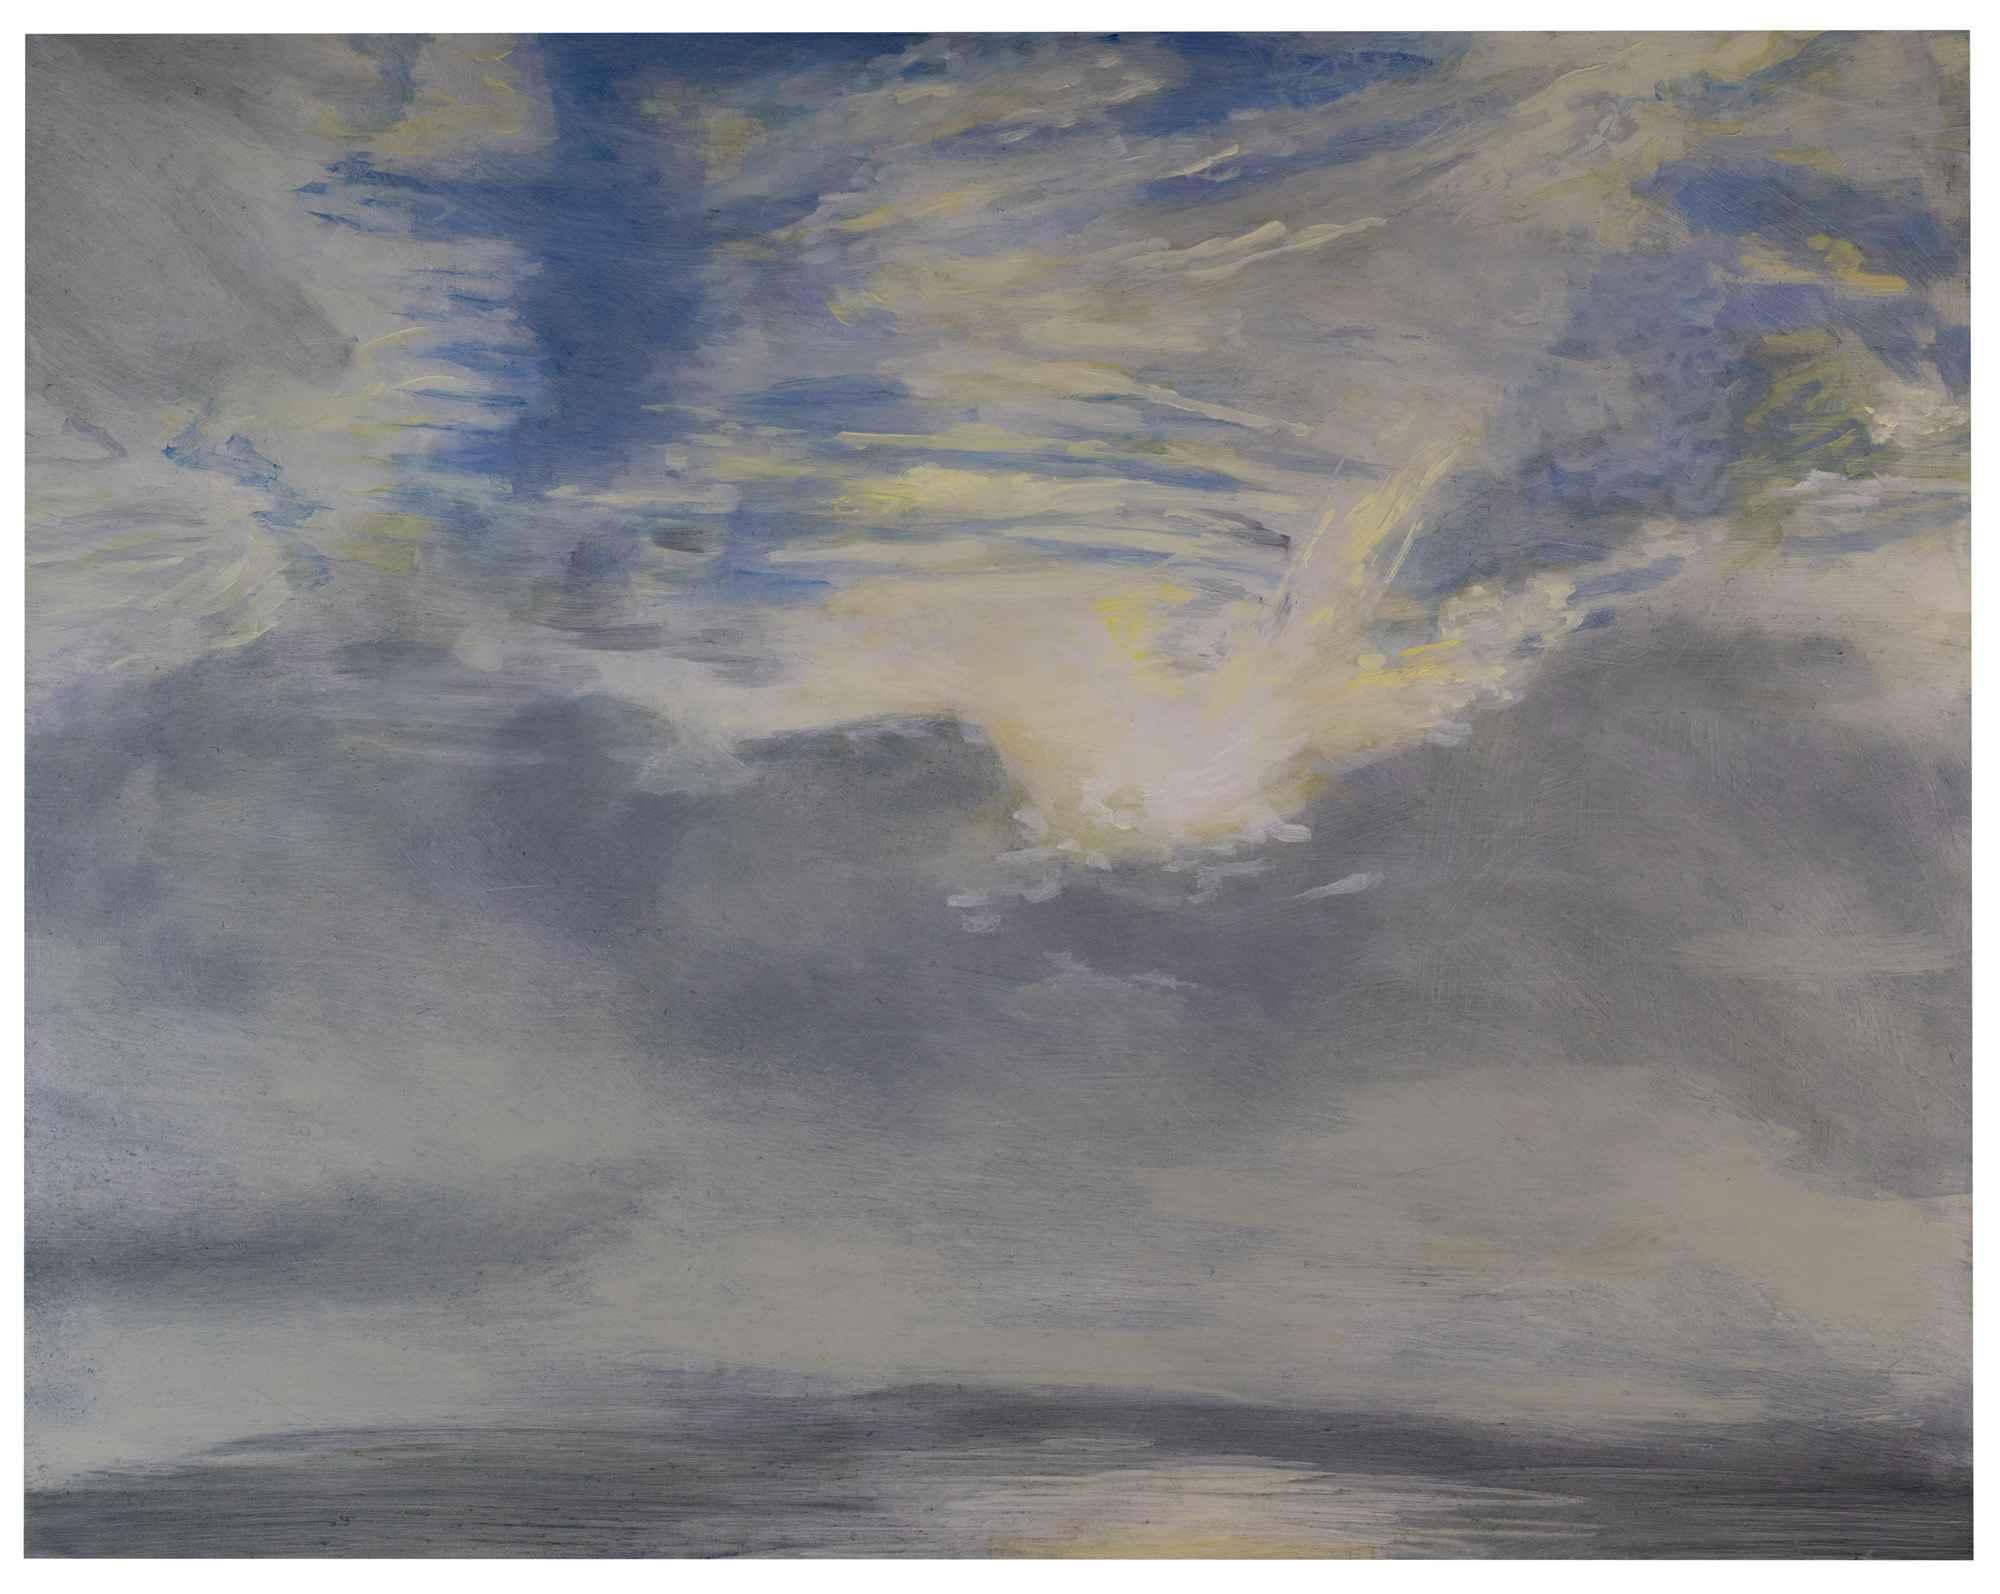 Foggy Crossing by  Cynthia Woehrle - Masterpiece Online